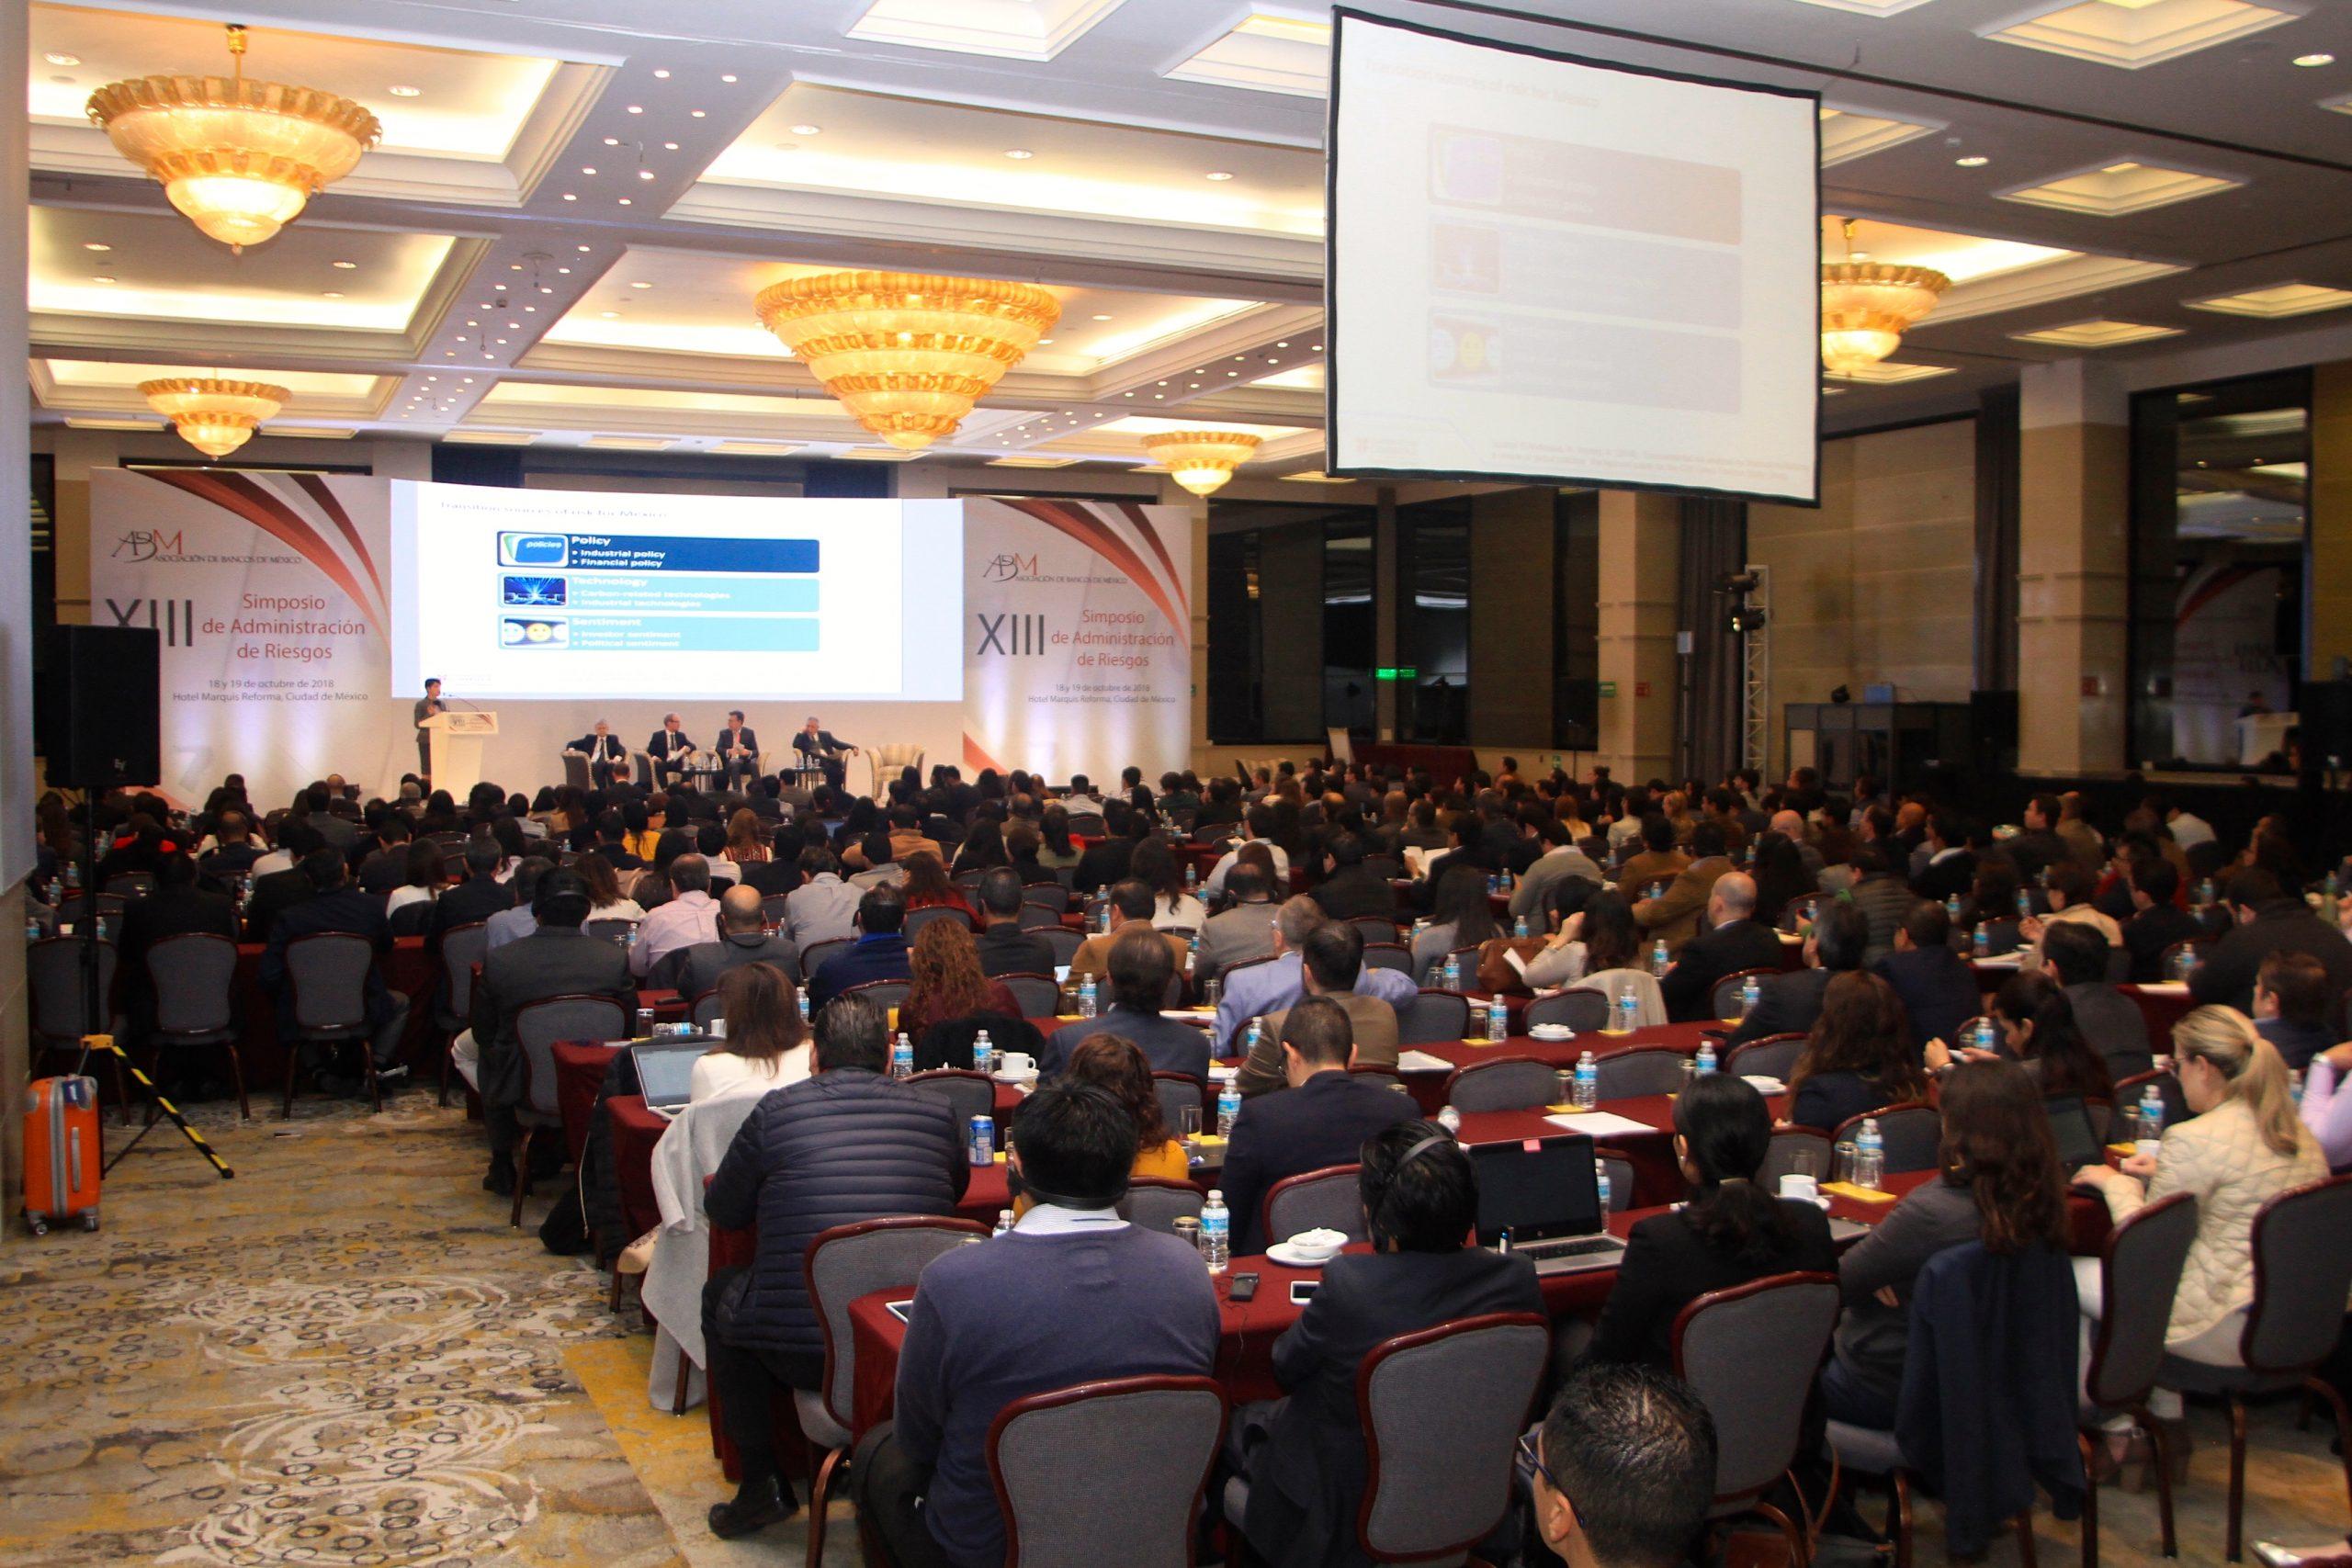 Panel discussion at Asociación de Bancos de México (ABM)